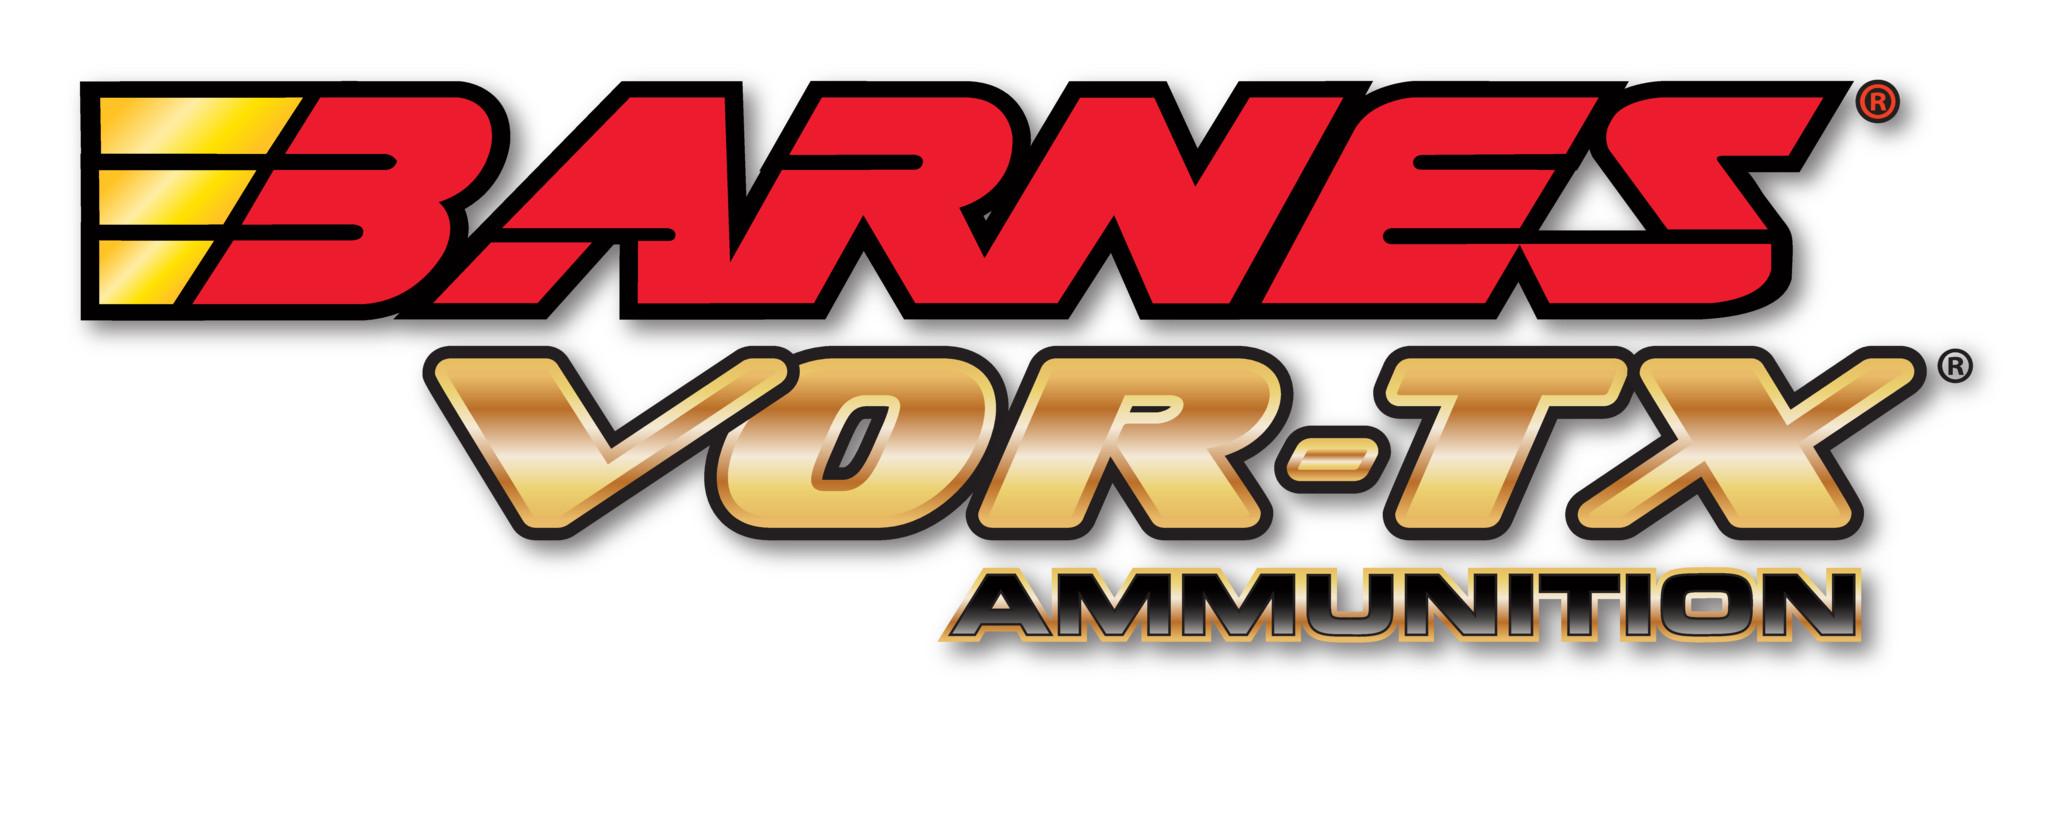 Barnes VOR-TX Ammunition logo.jpg